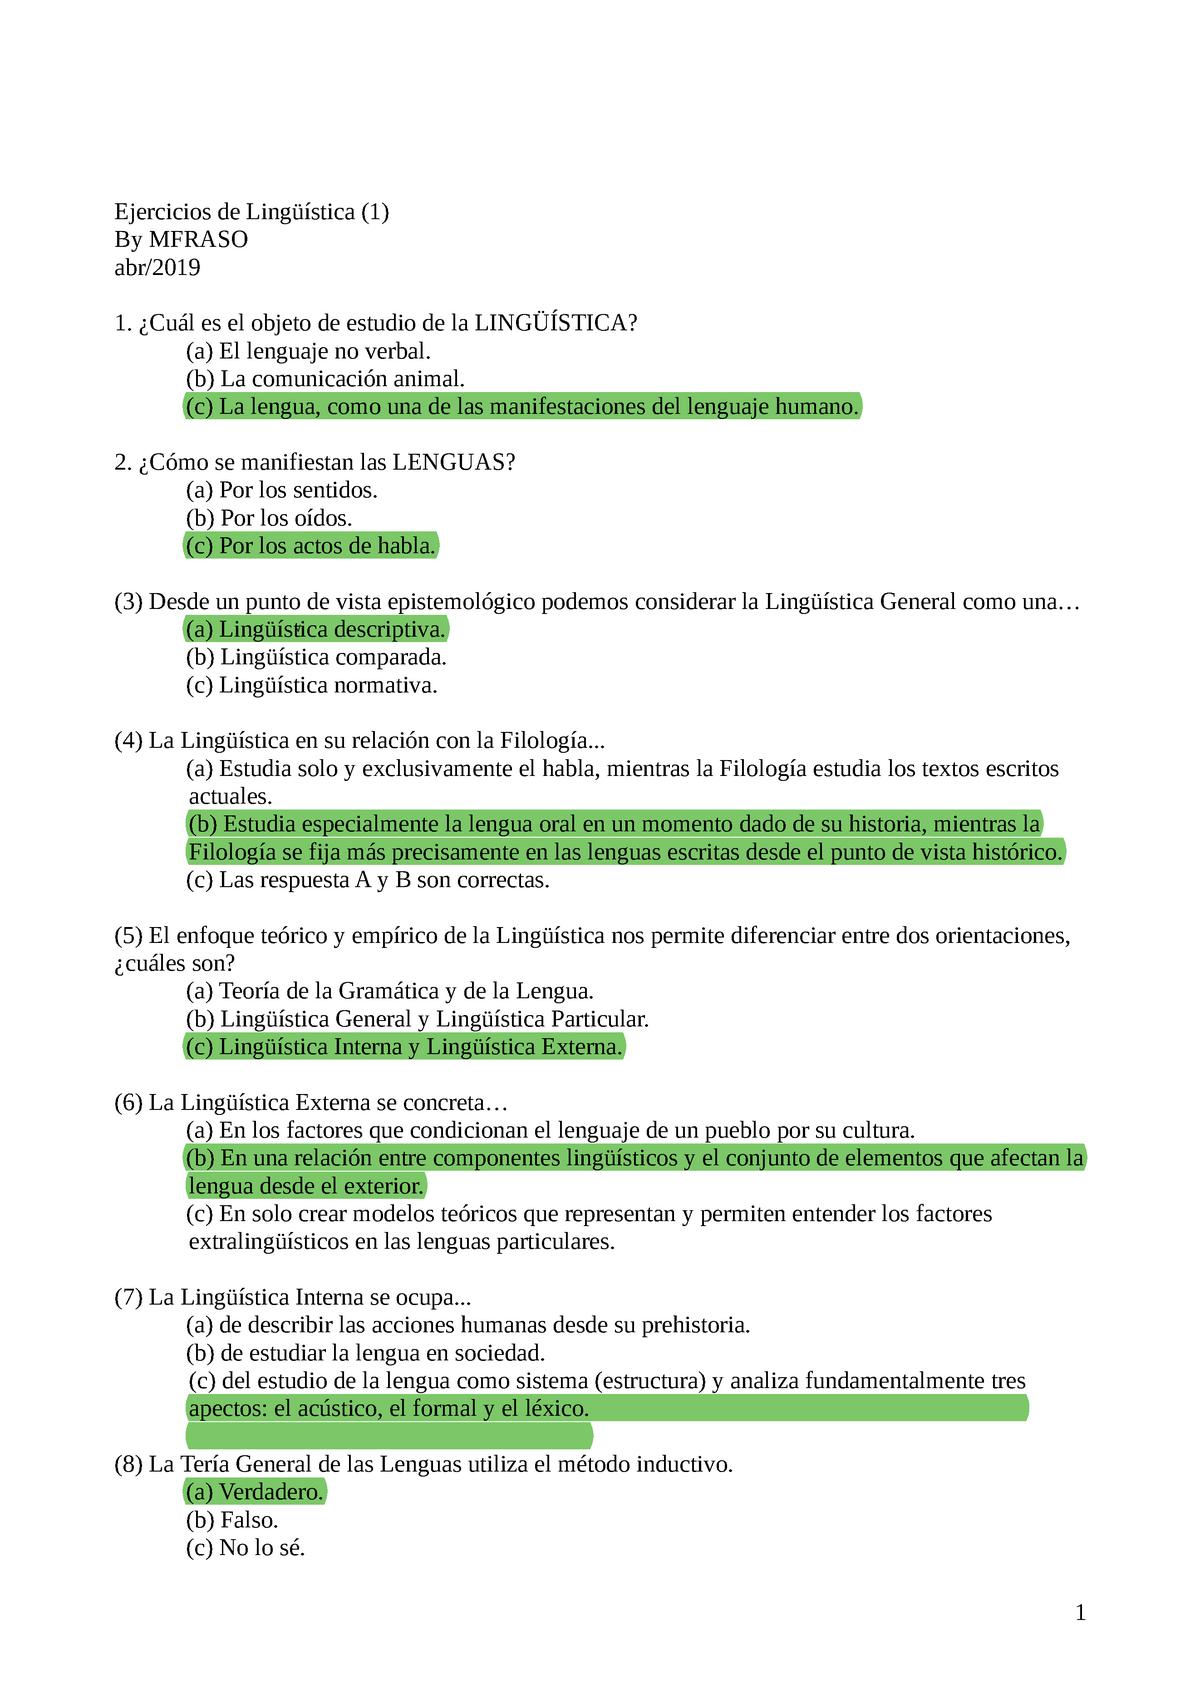 Ejercicios L 1 Lengua Española Lingüística Uma Studocu